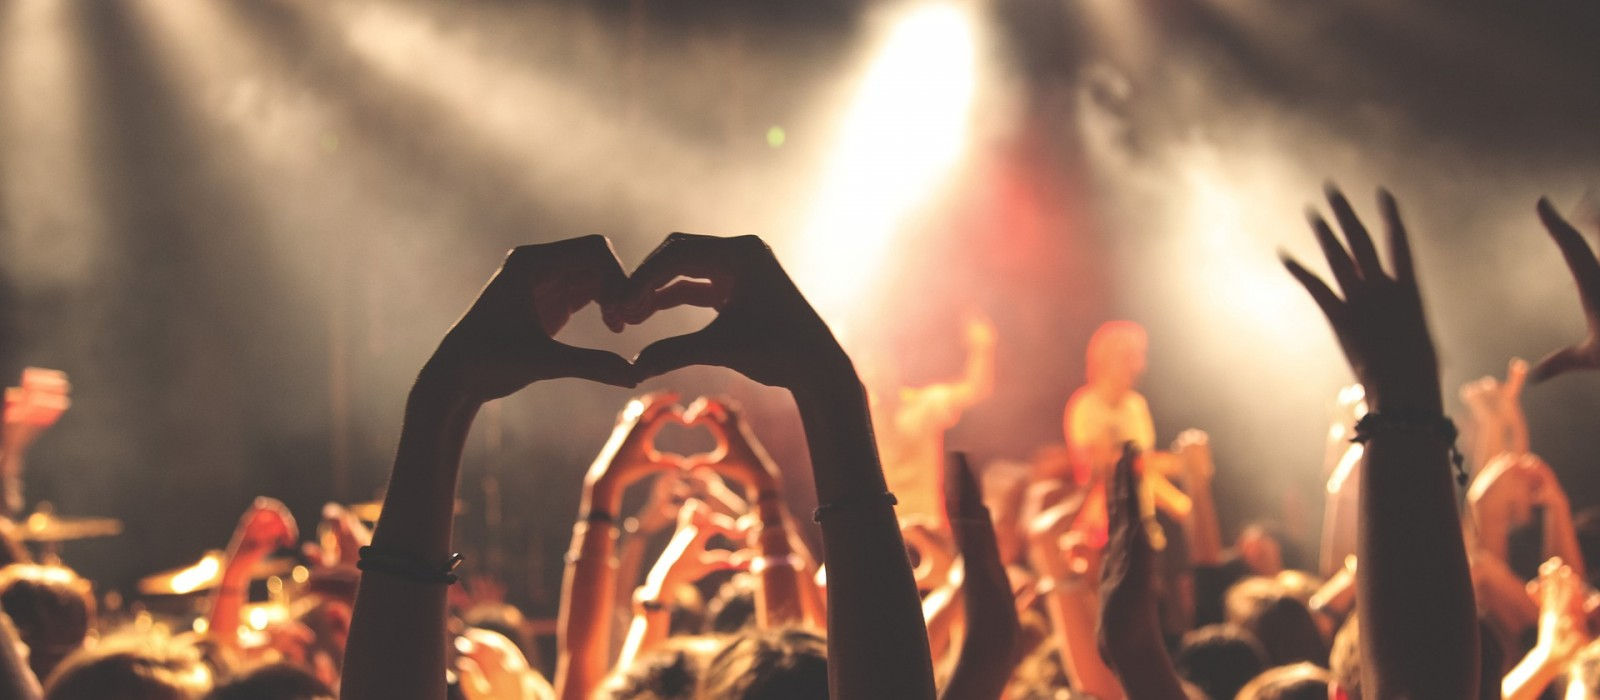 http://strefamice.pl/wp-content/uploads/2015/09/concert-768722_1920-1600x700_1.jpg